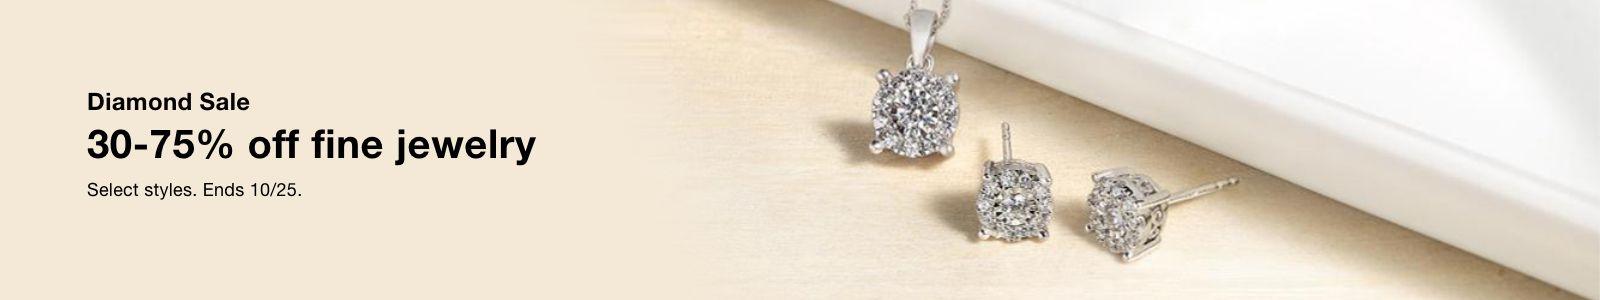 Diamond Sale, 30-75% off fine jewelry